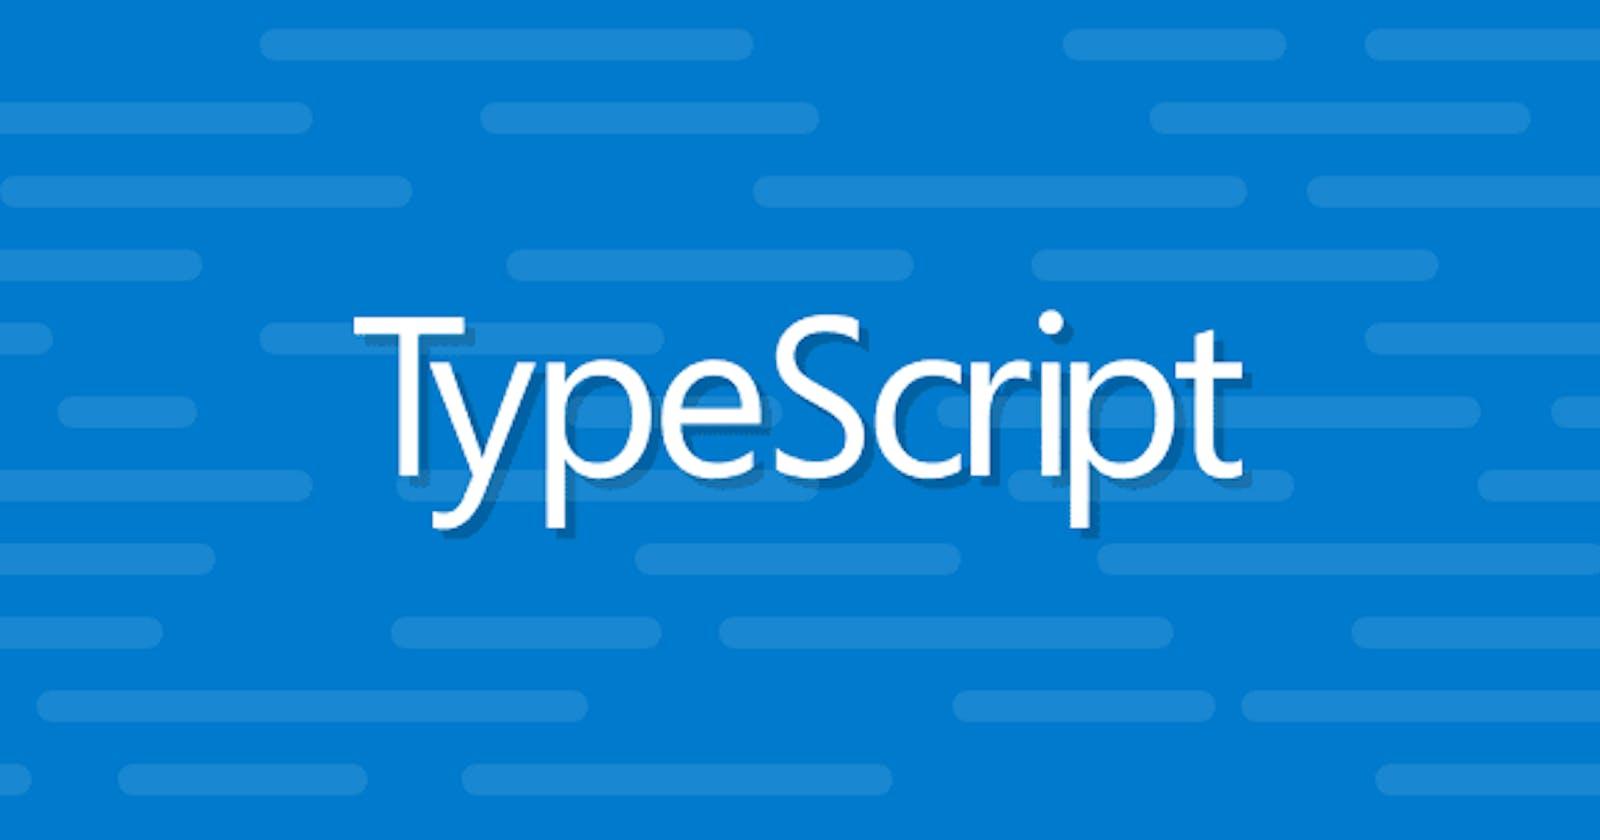 Typescript Alternatives